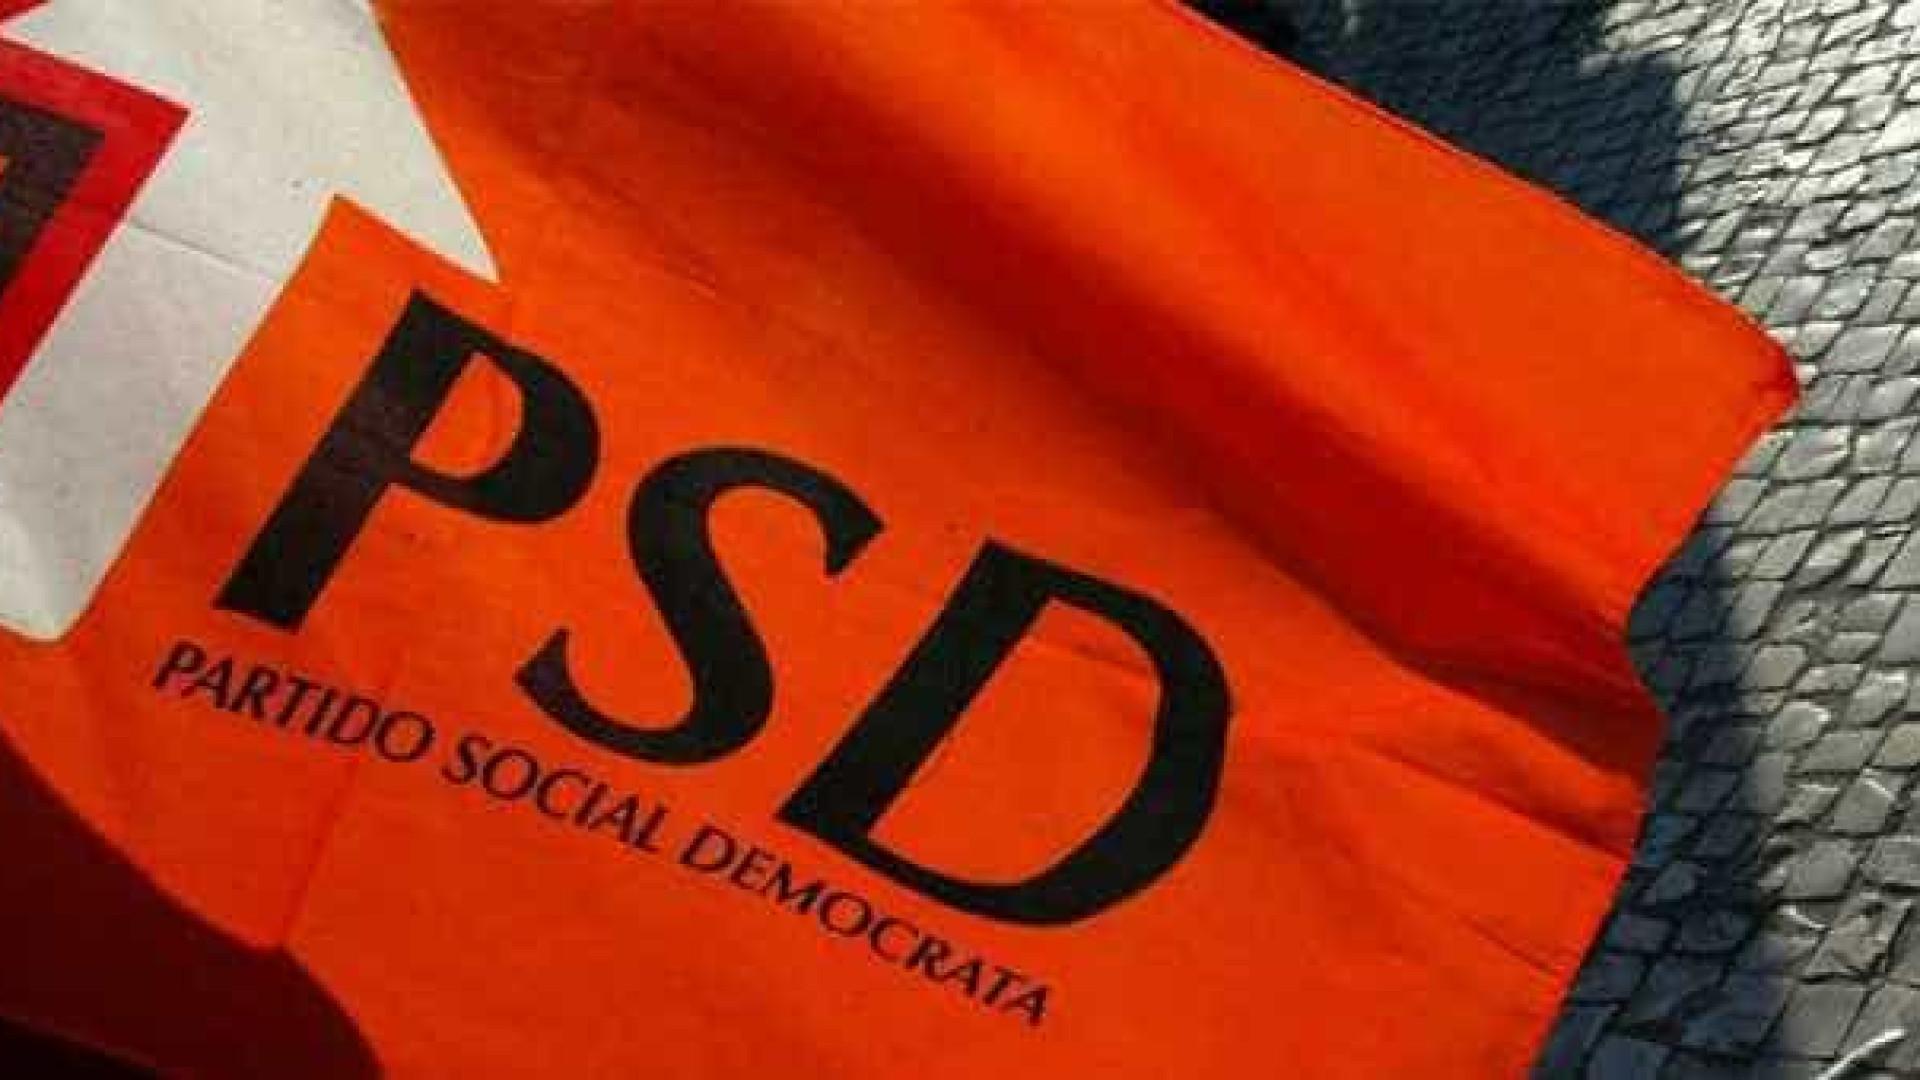 """PSD evoca Mário Carrascalão como """"um dos construtores da democracia"""""""